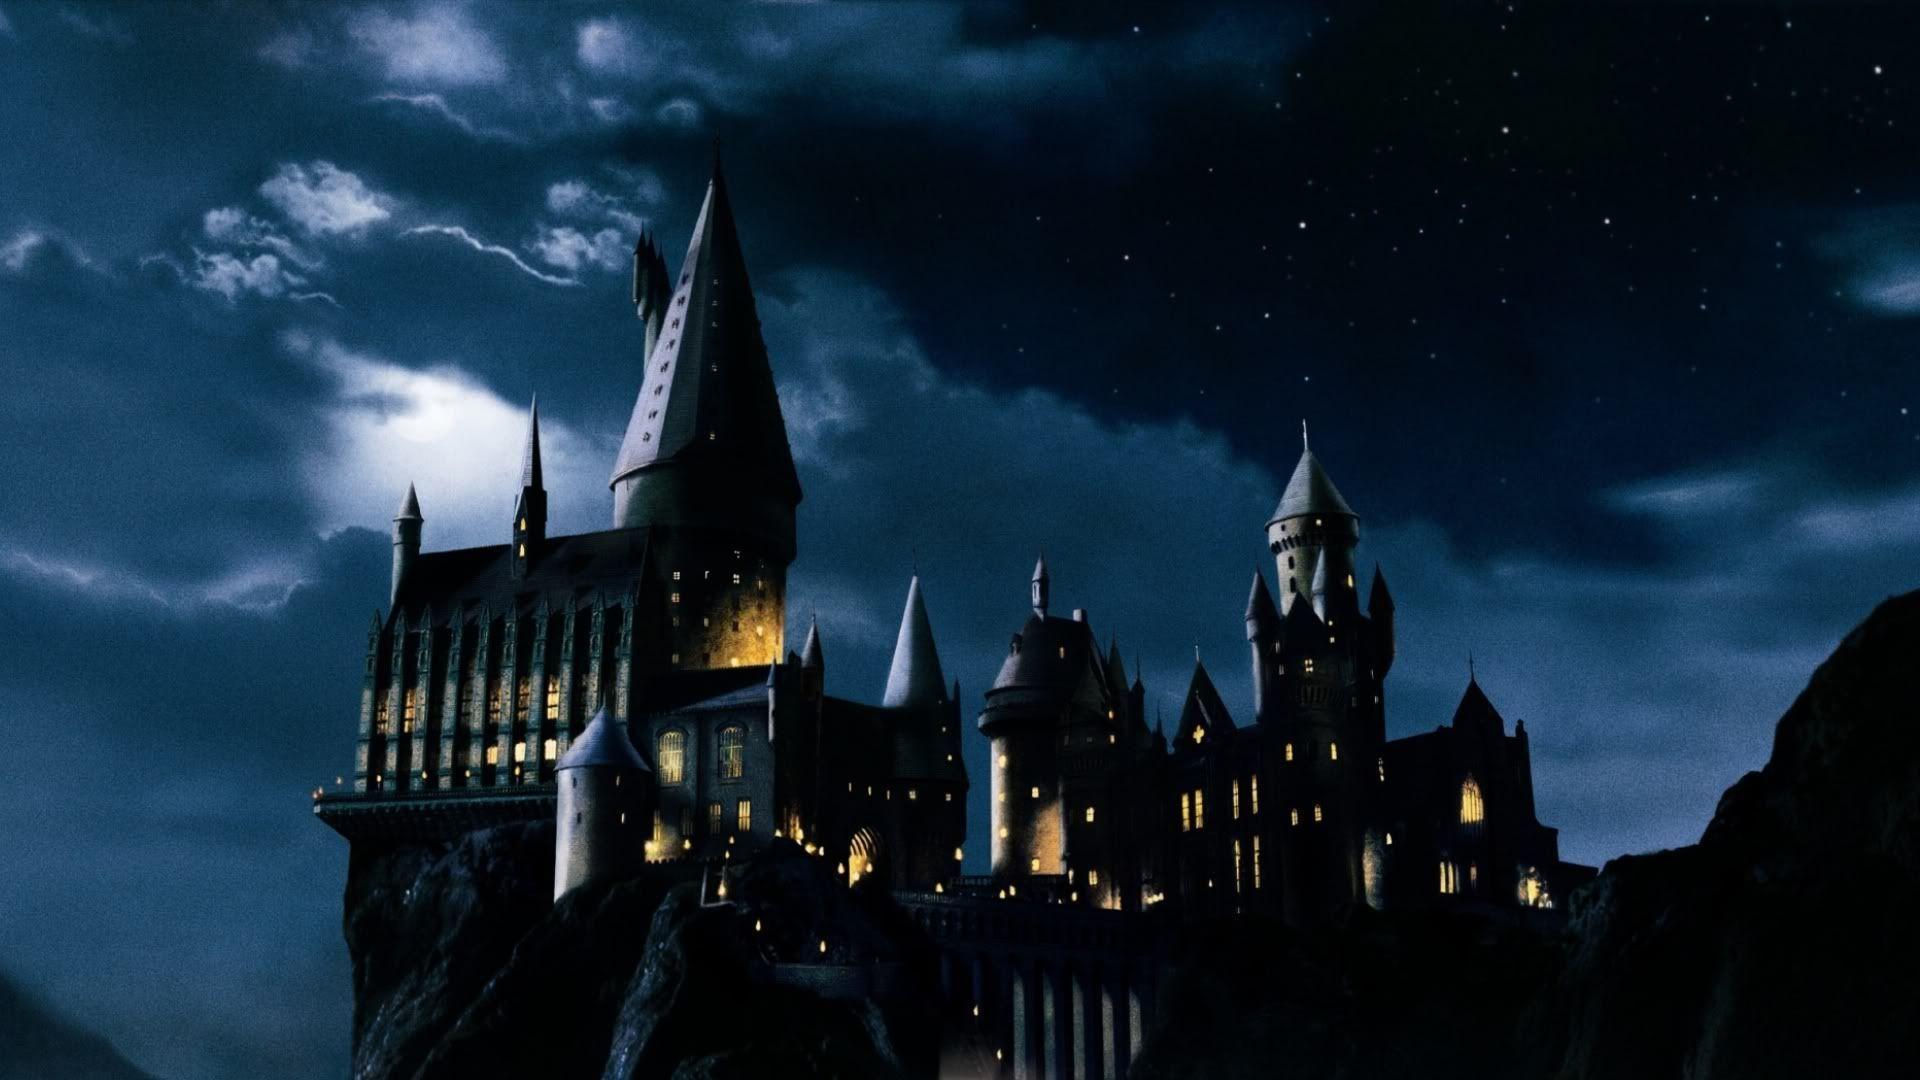 Harry Potter Desktop Backgrounds Wallpaper 1920 1080 Images Of Harry Potter Wallpapers 39 Wall Harry Potter Bildschirmhintergrund Harry Potter Film Hogwarts